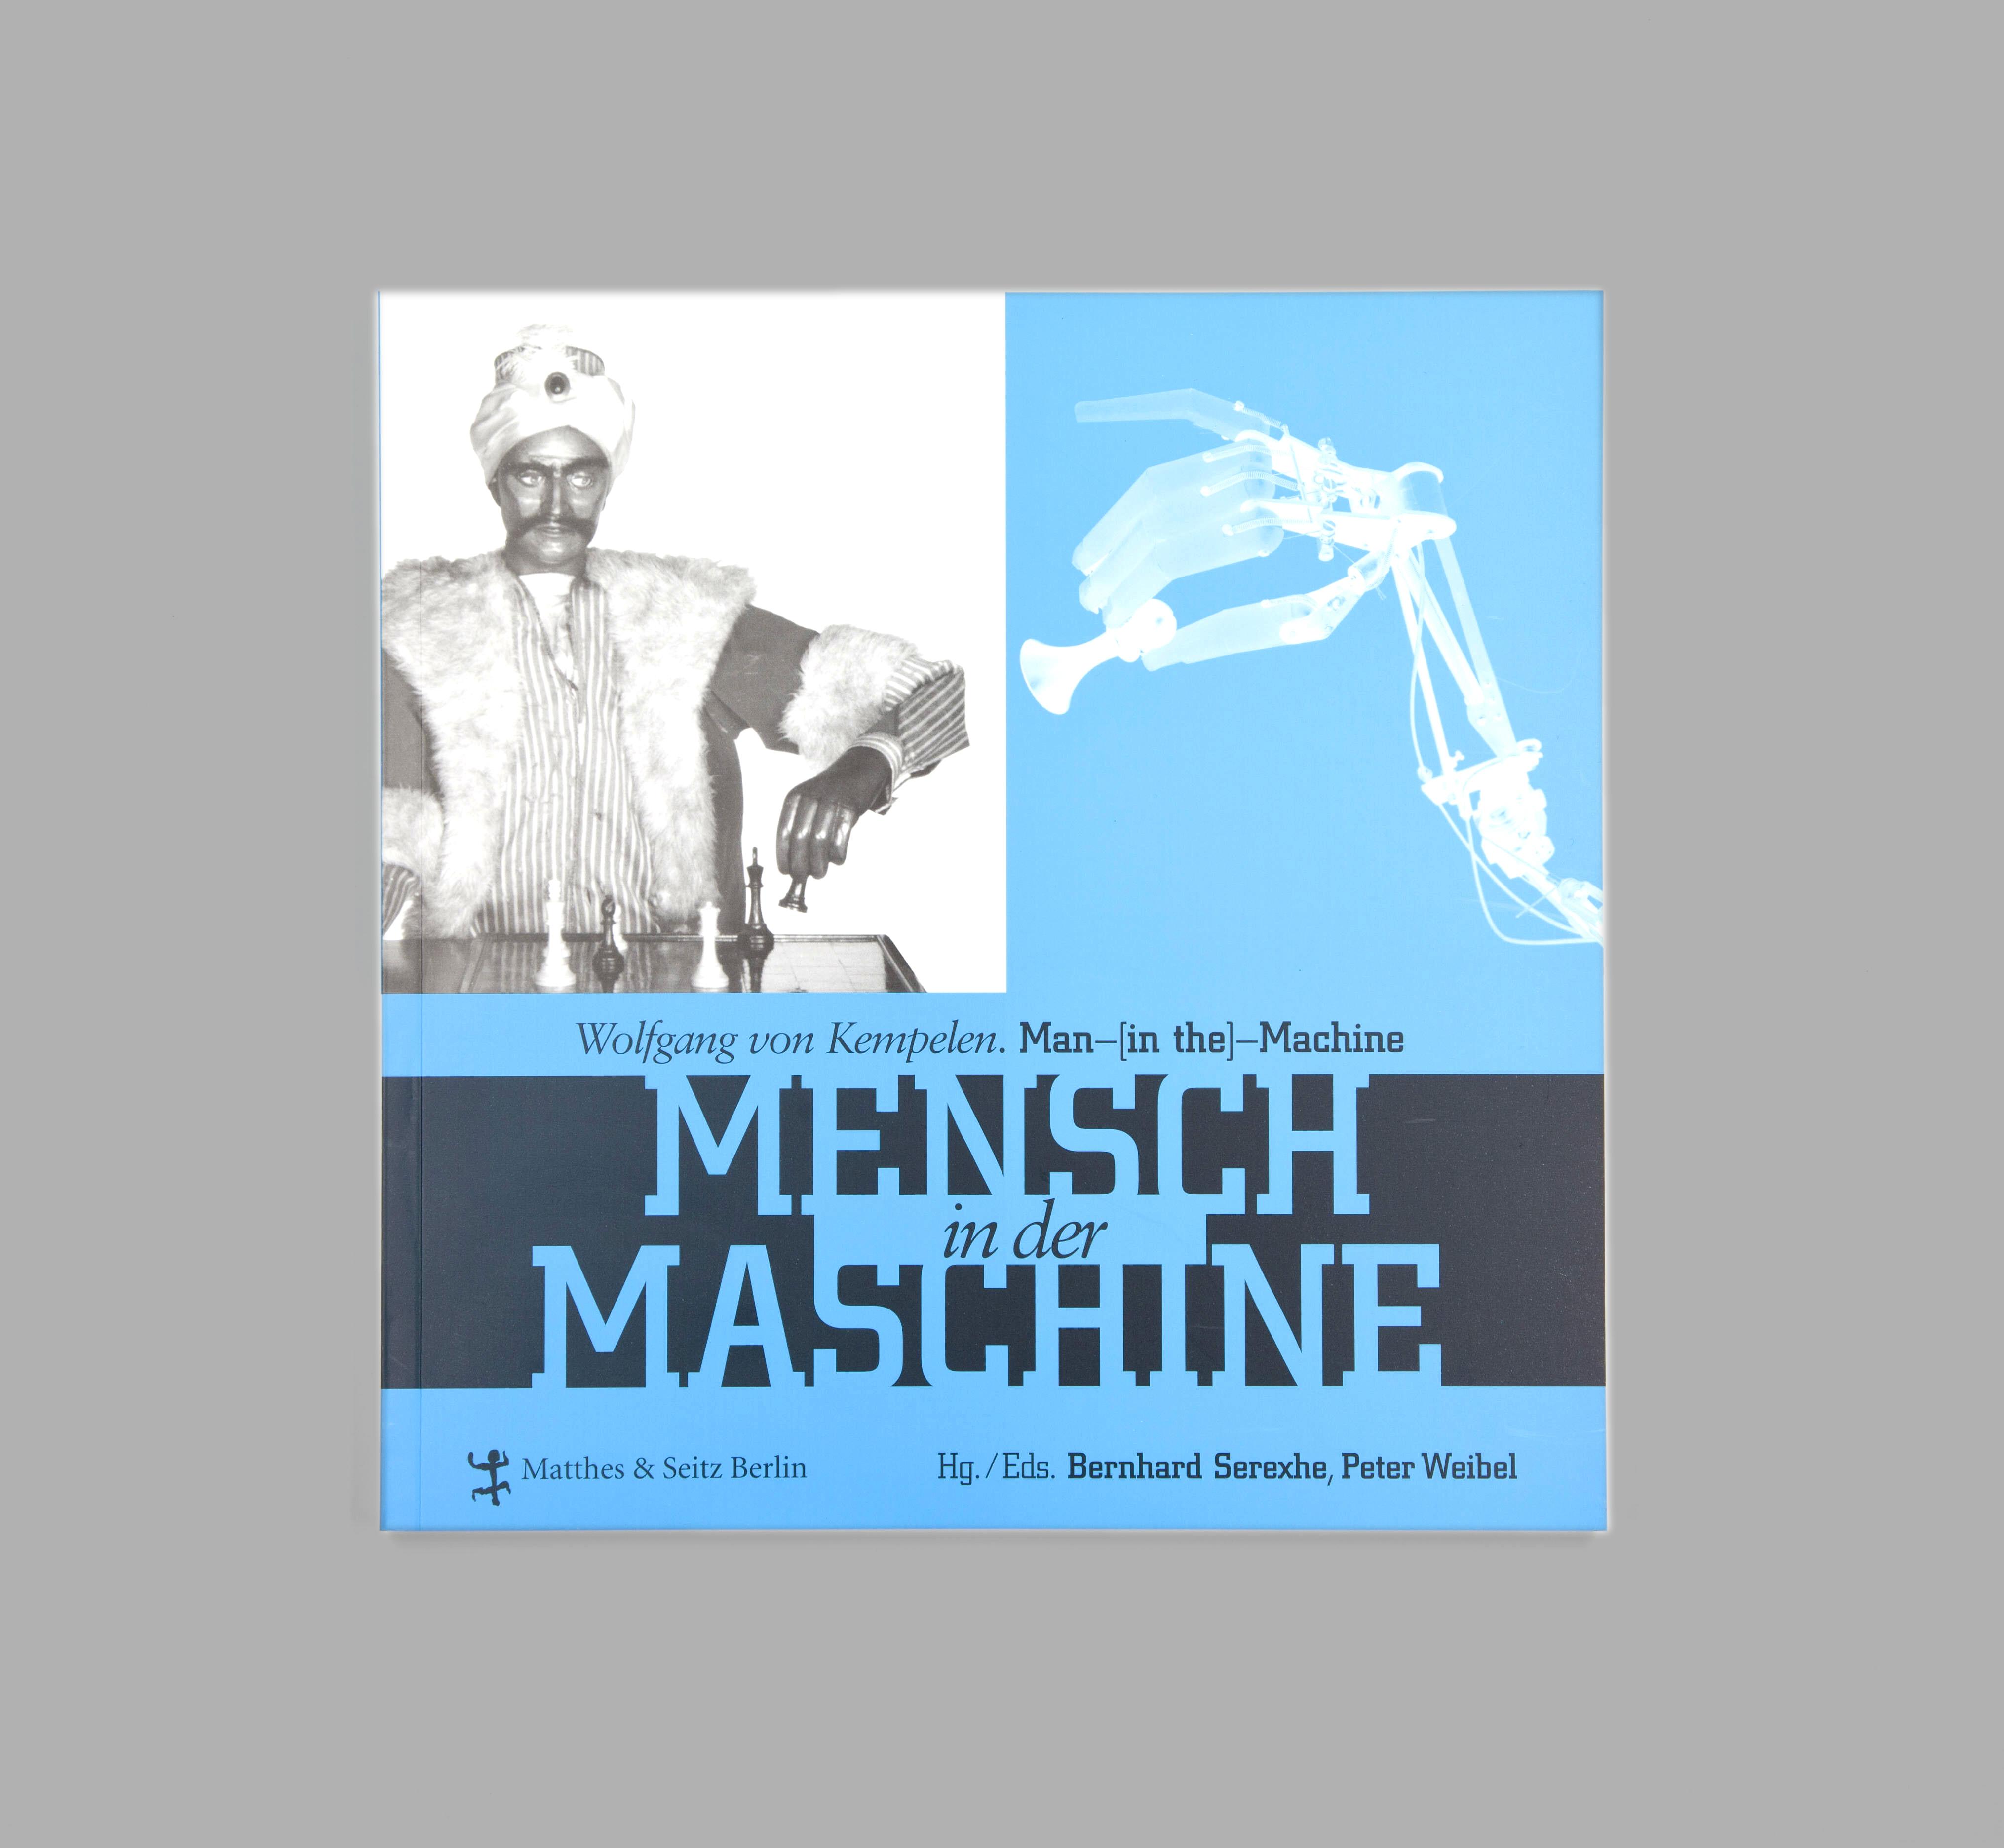 Wolfgang von Kempelen. Mensch in der Maschine / Man in the Machine